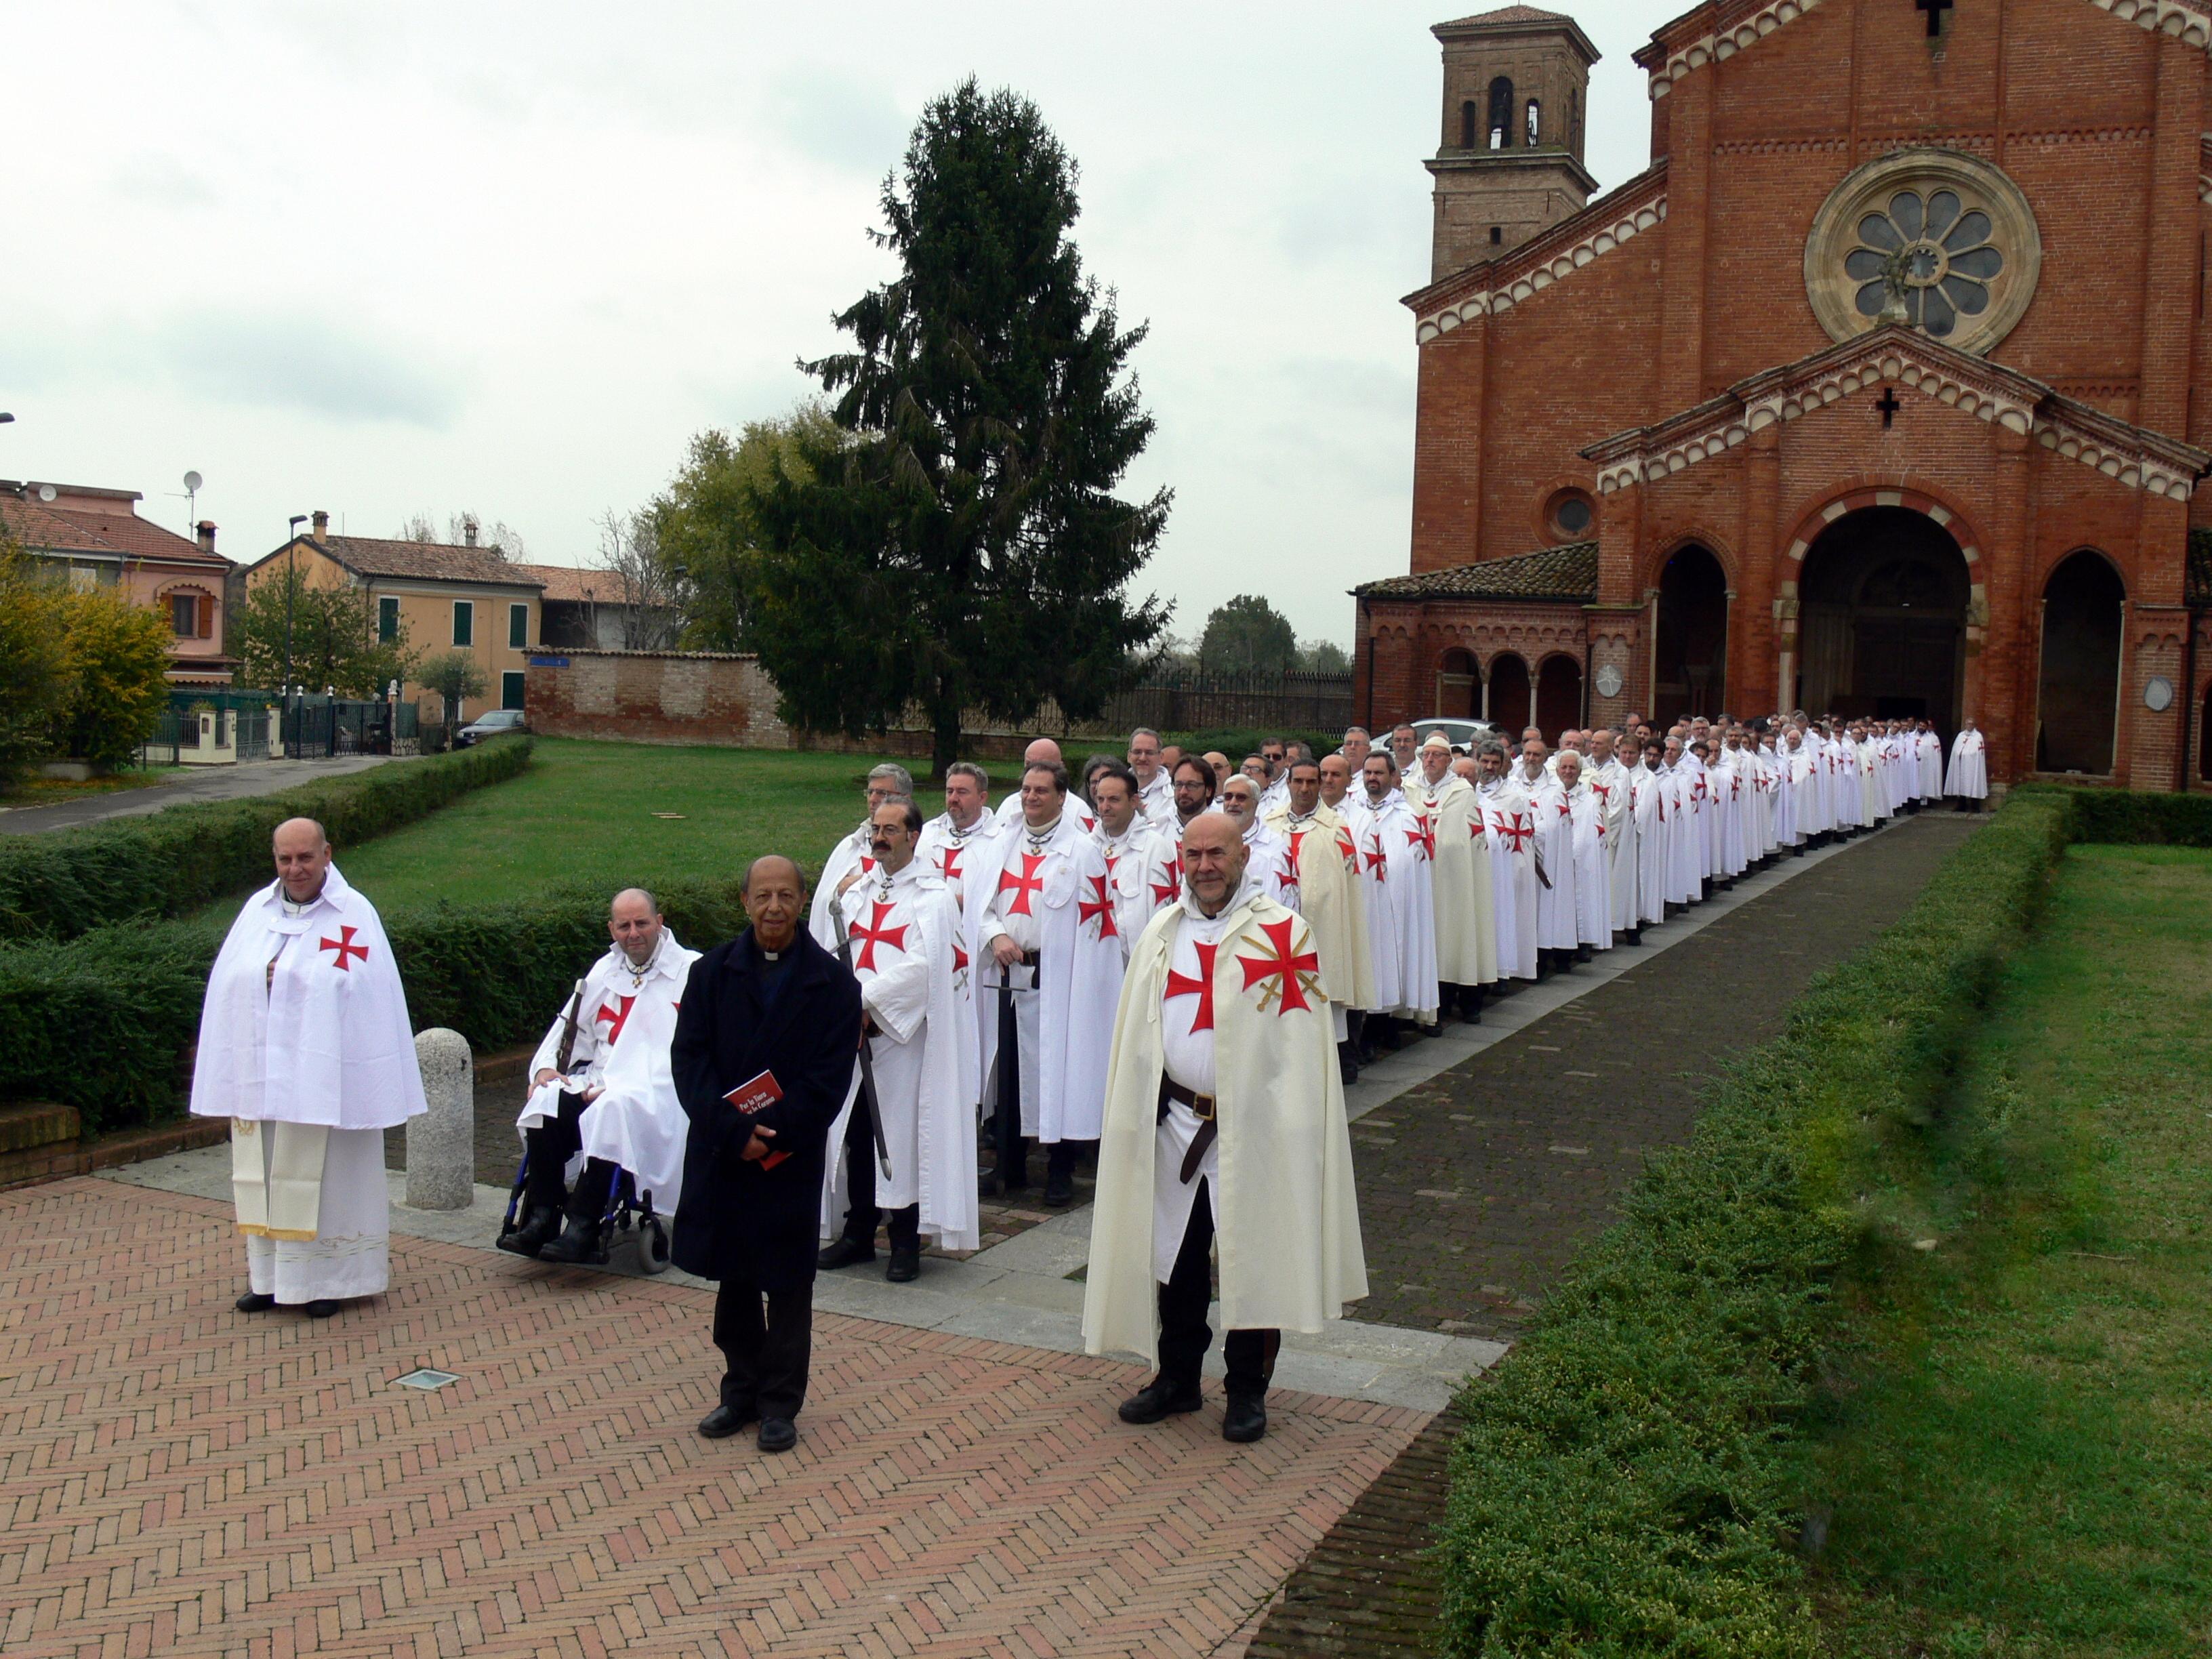 Katoliccy templariusze biorą udział w corocznych rekolekcjach duchowych w opactwie Chiaravalle della Colomba w Alseno, Piacenza.